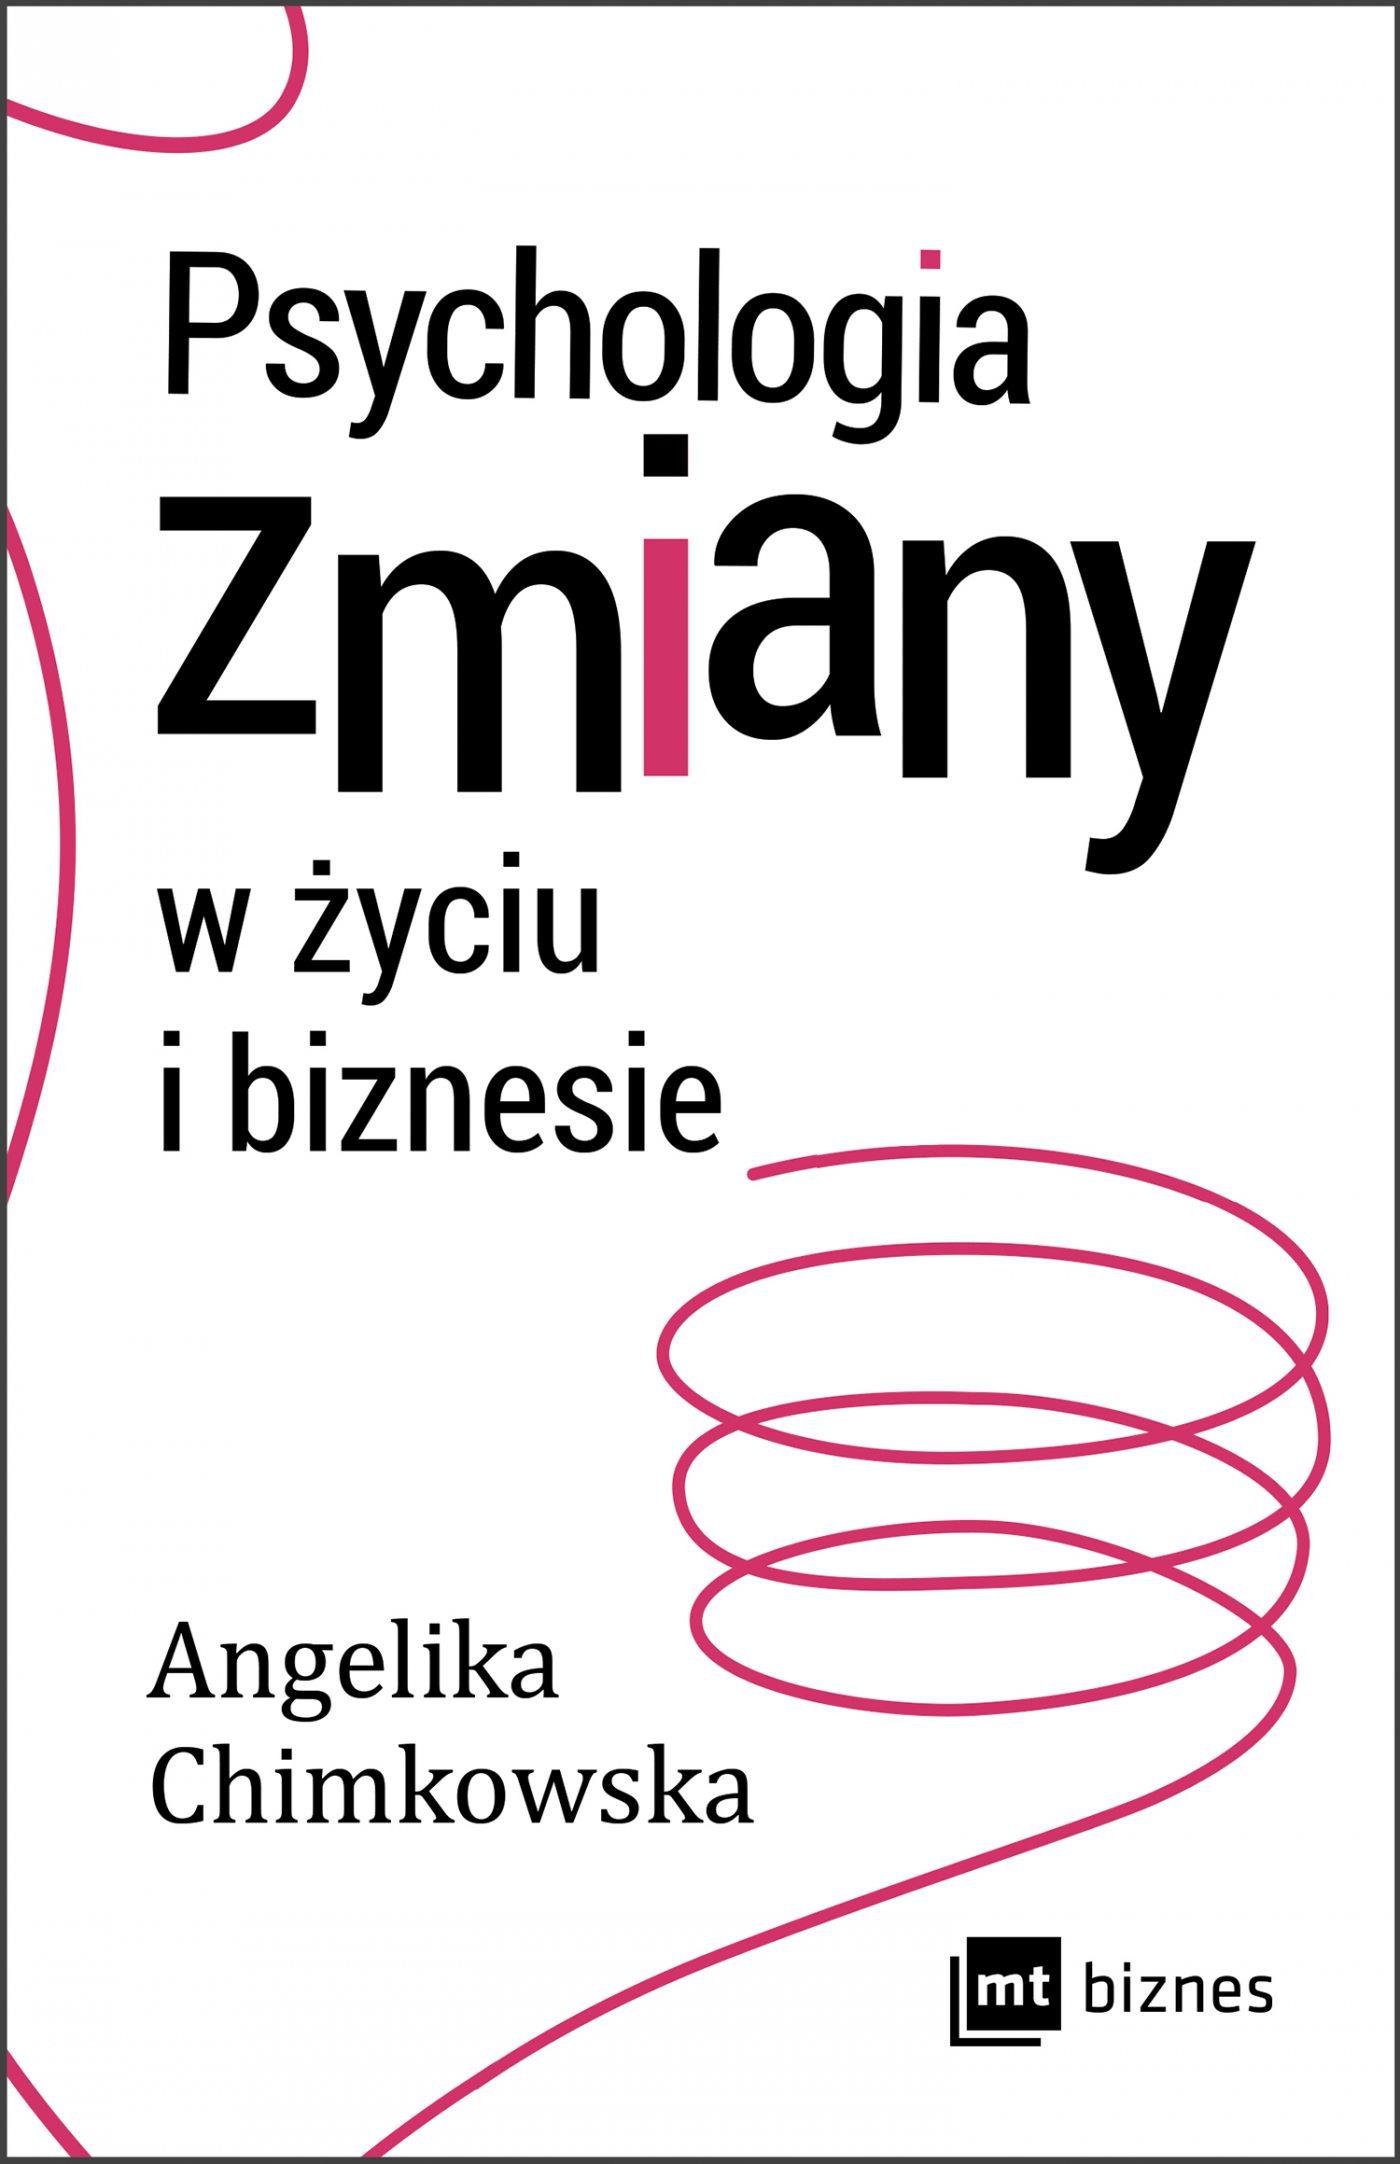 Psychologia zmiany w życiu i biznesie - Ebook (Książka na Kindle) do pobrania w formacie MOBI